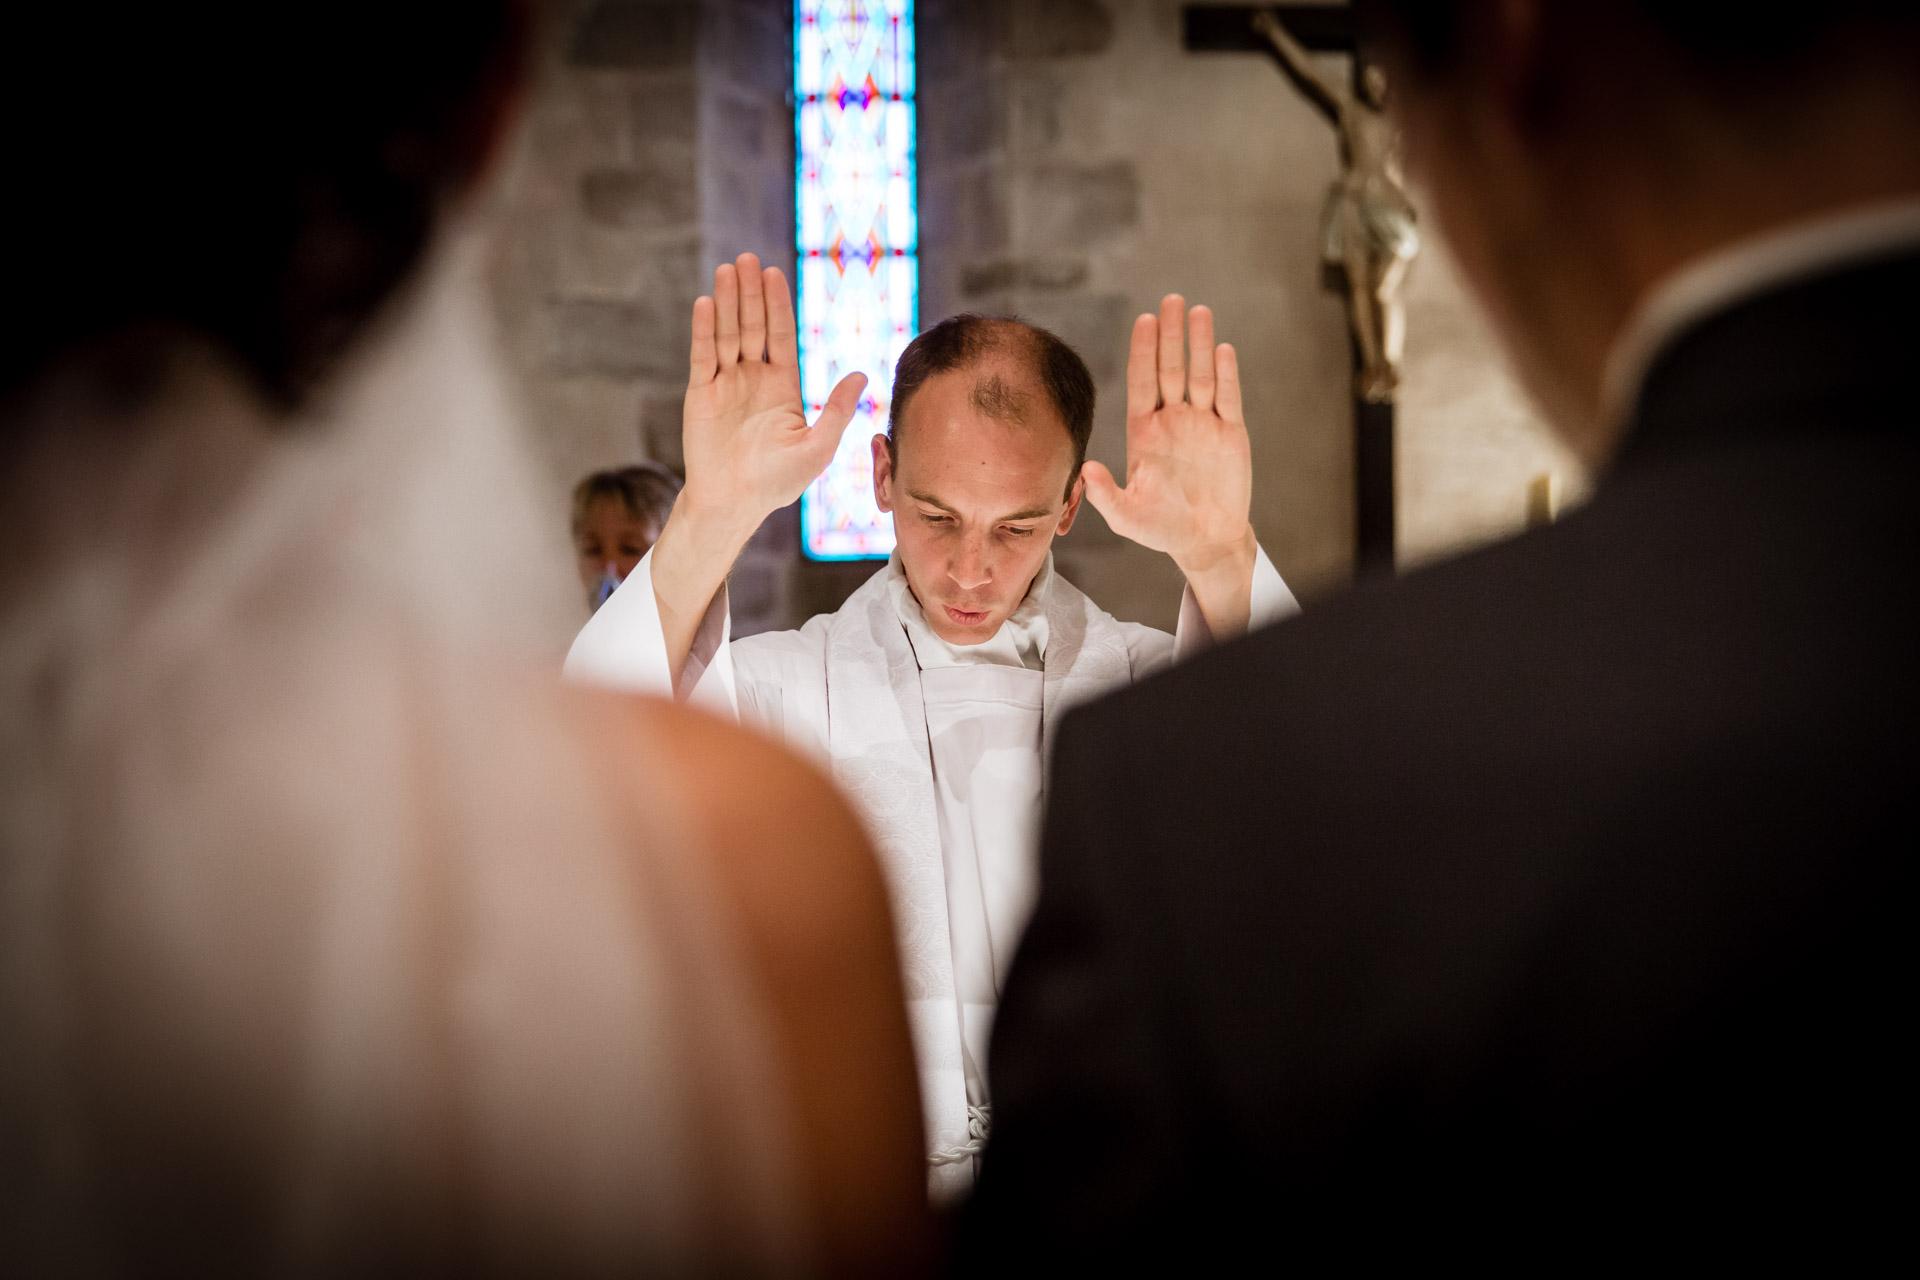 Mariage de Mallorye et Nicolas. Prete officiant a l'eglise de Cessy